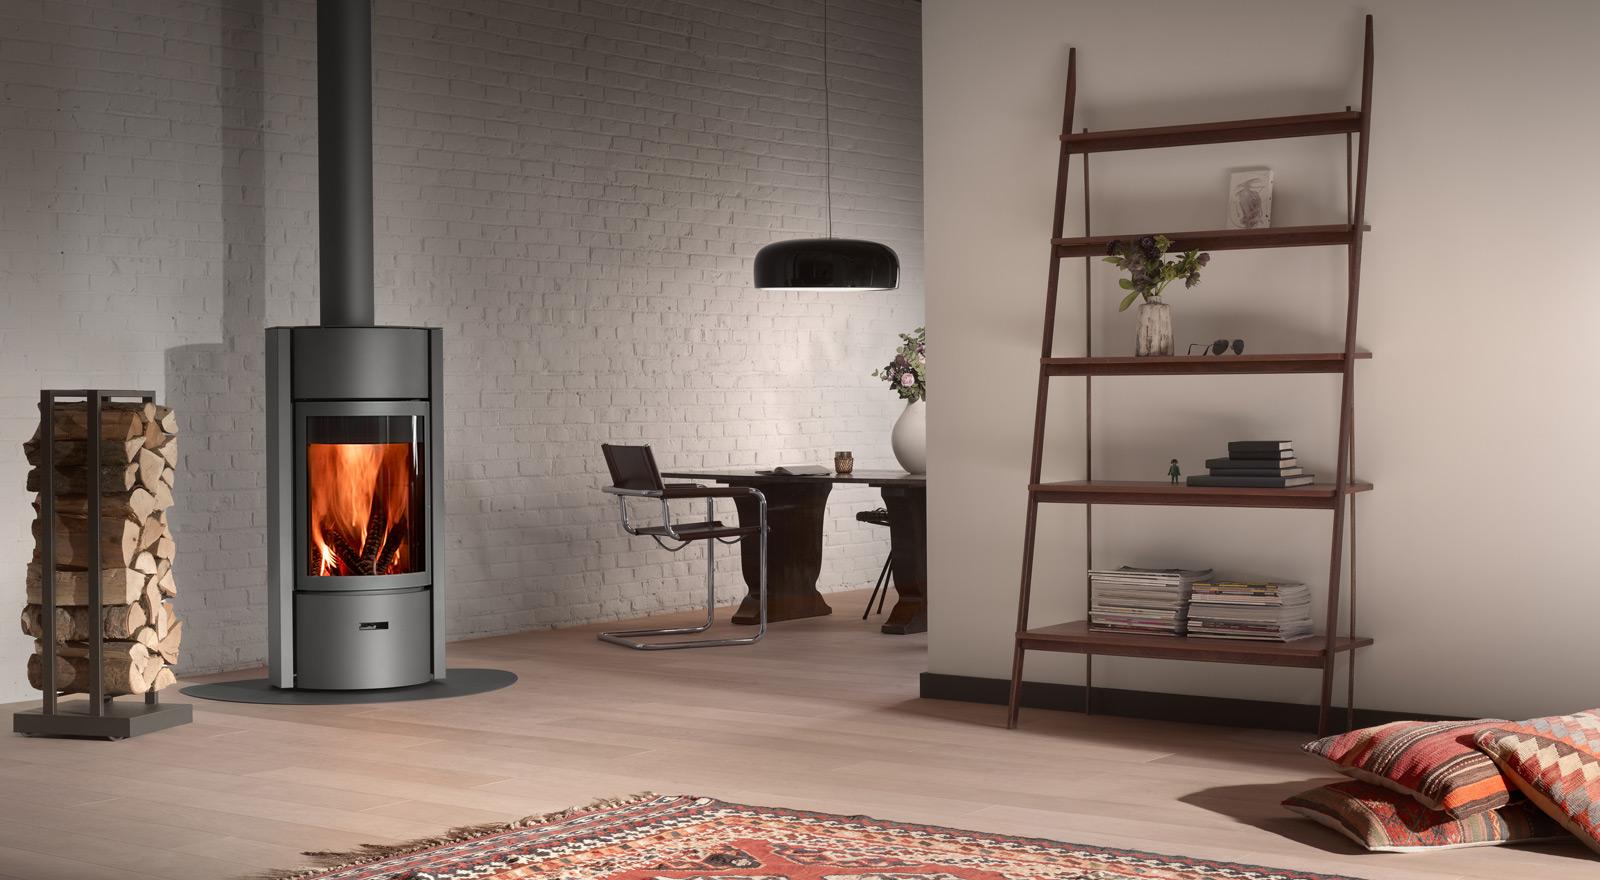 poele a bois stuv 30 st v. Black Bedroom Furniture Sets. Home Design Ideas